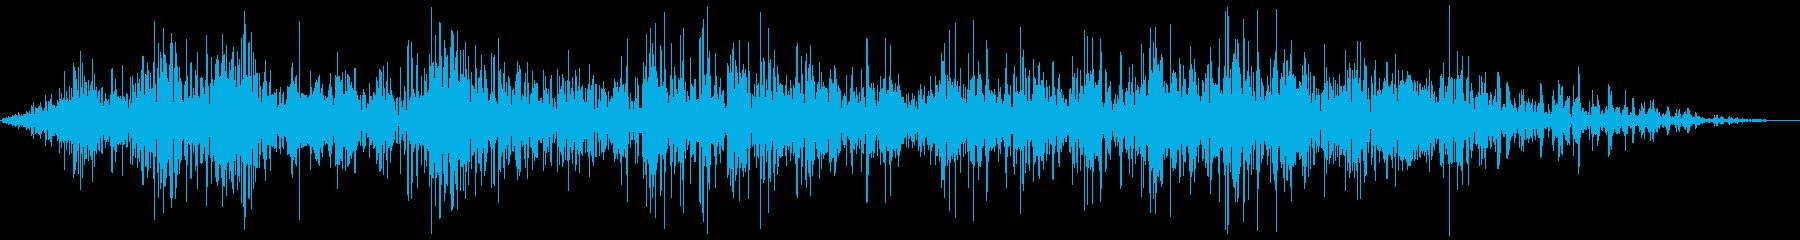 アンティークカー反転の再生済みの波形